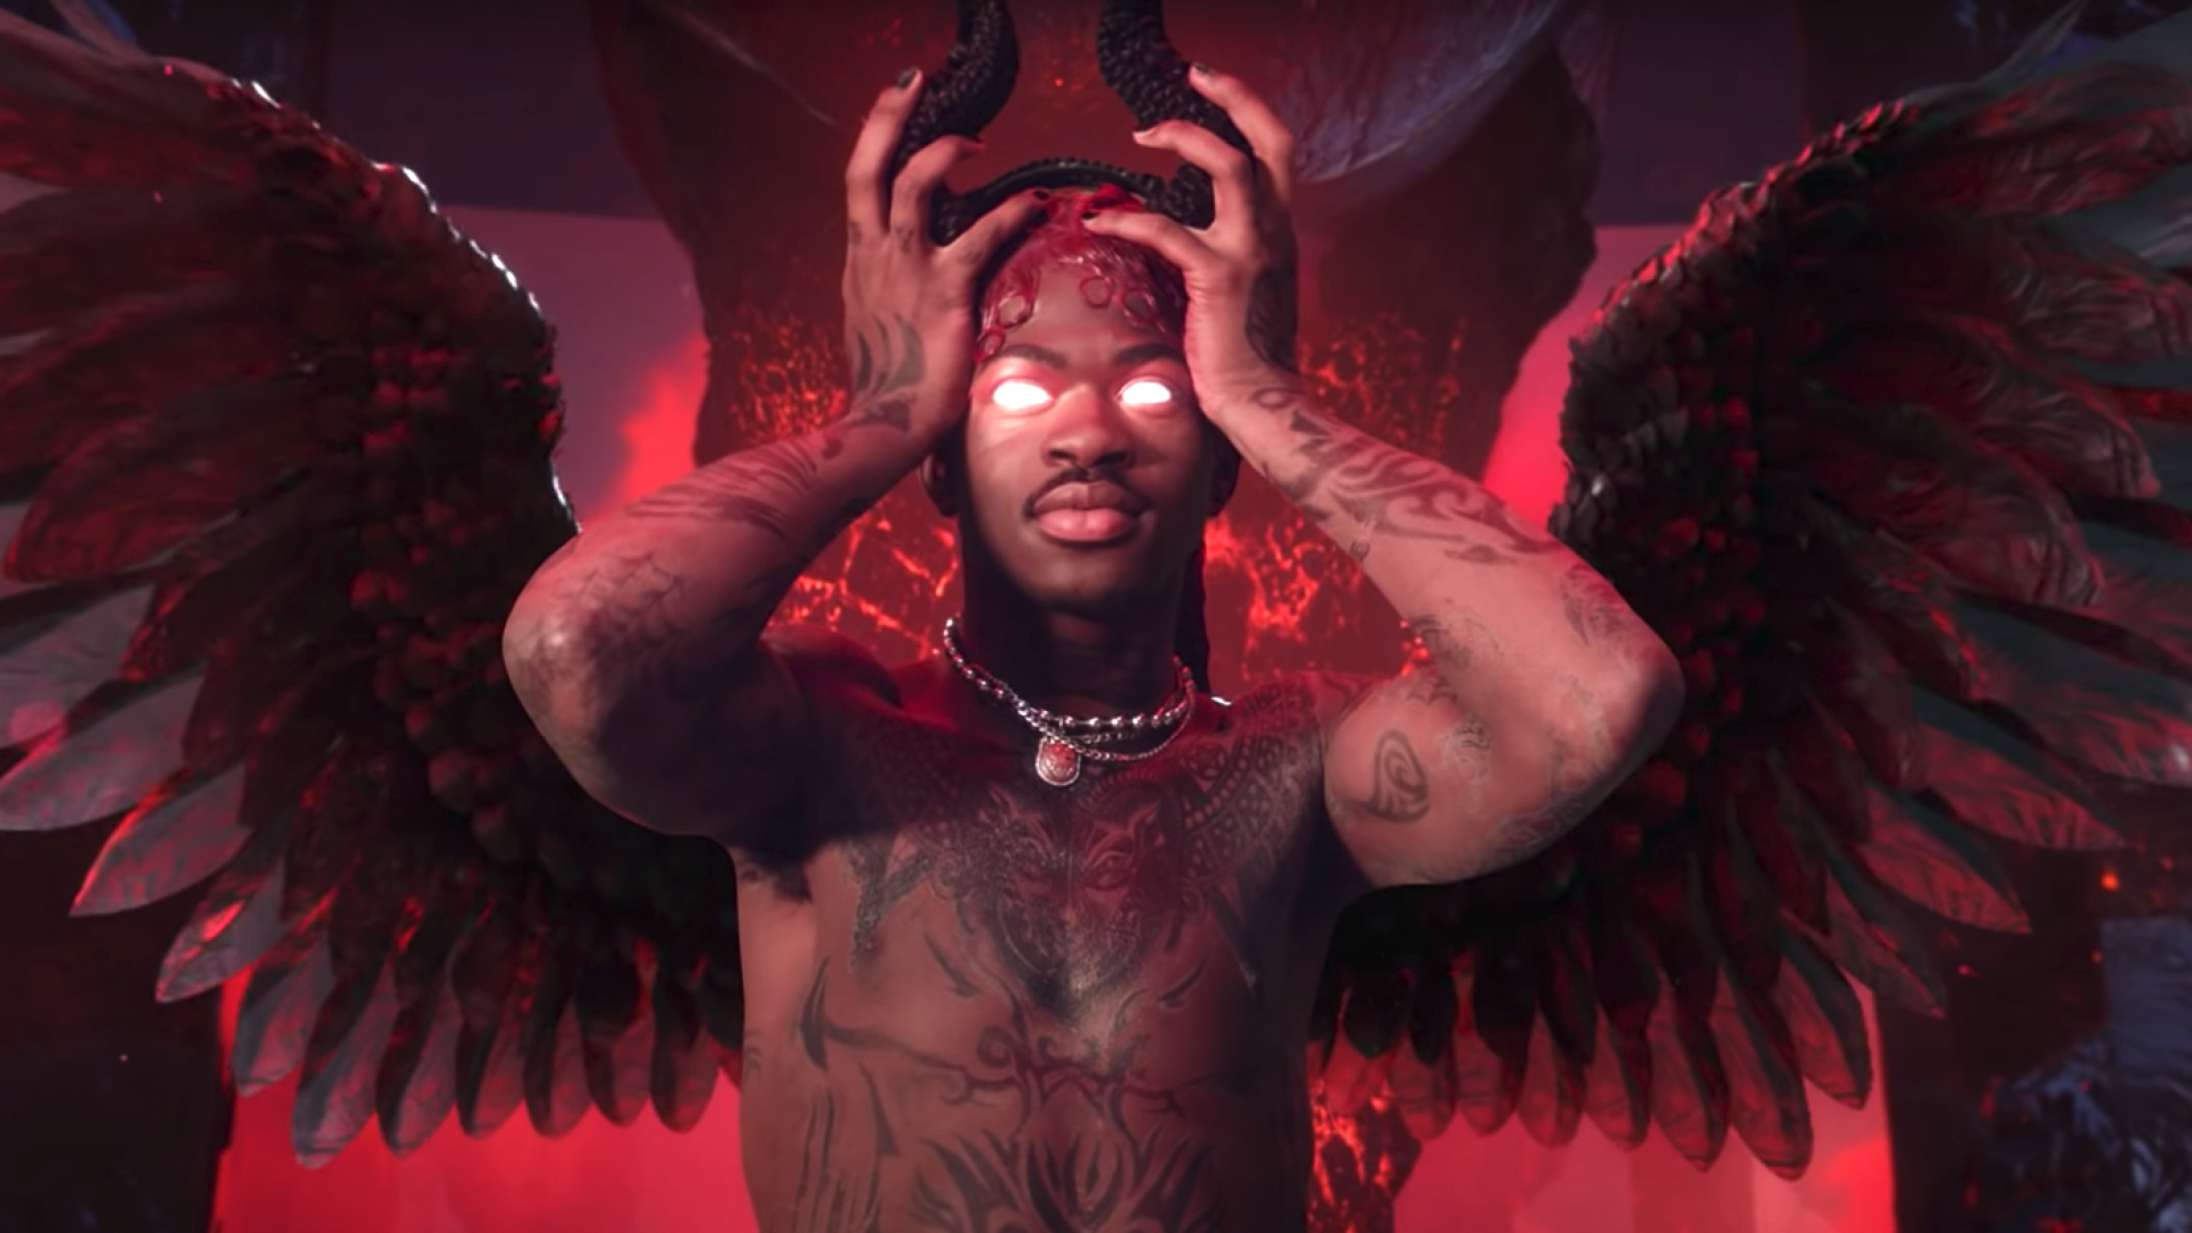 Lil Nas X giver djævlen en lapdance i vild ny musikvideo